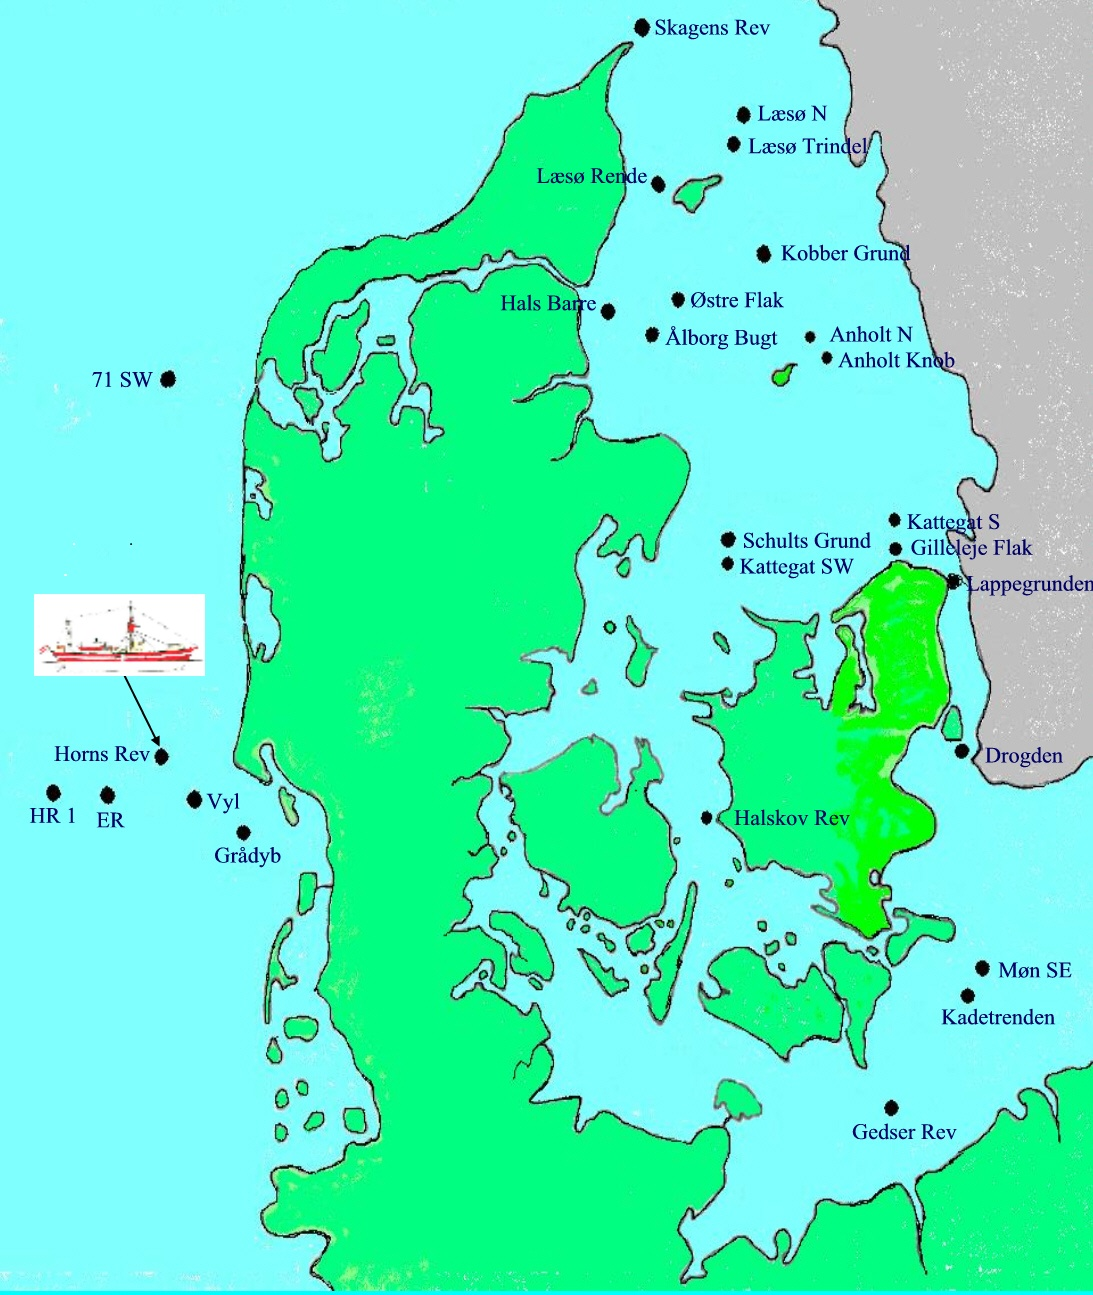 Danmarkskort over positionerne